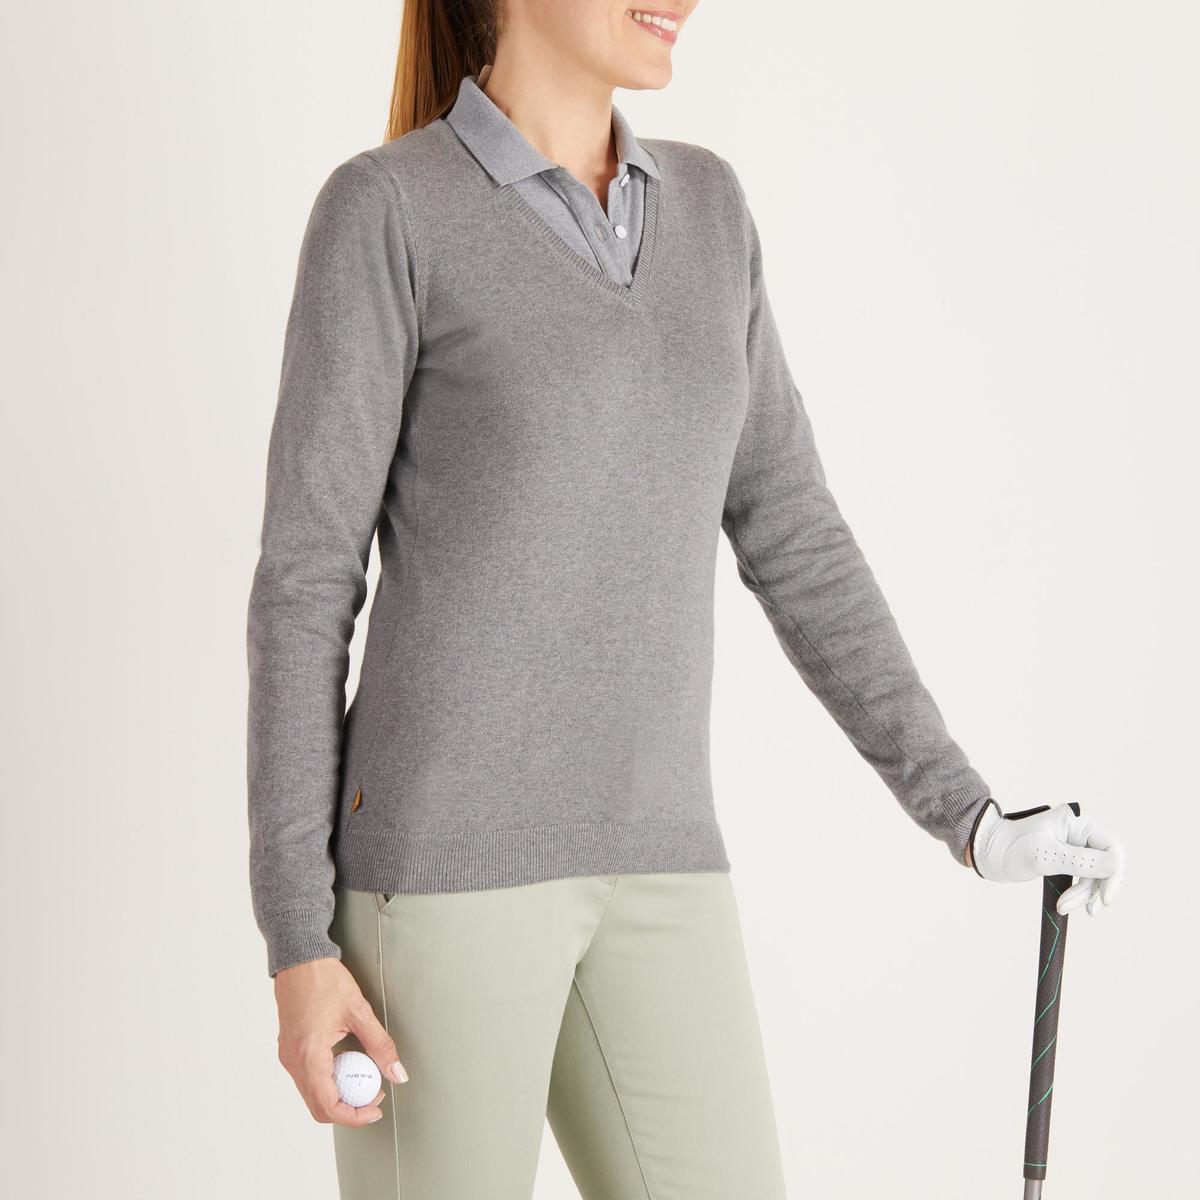 Bild 2 von Golf Pullover Damen grau